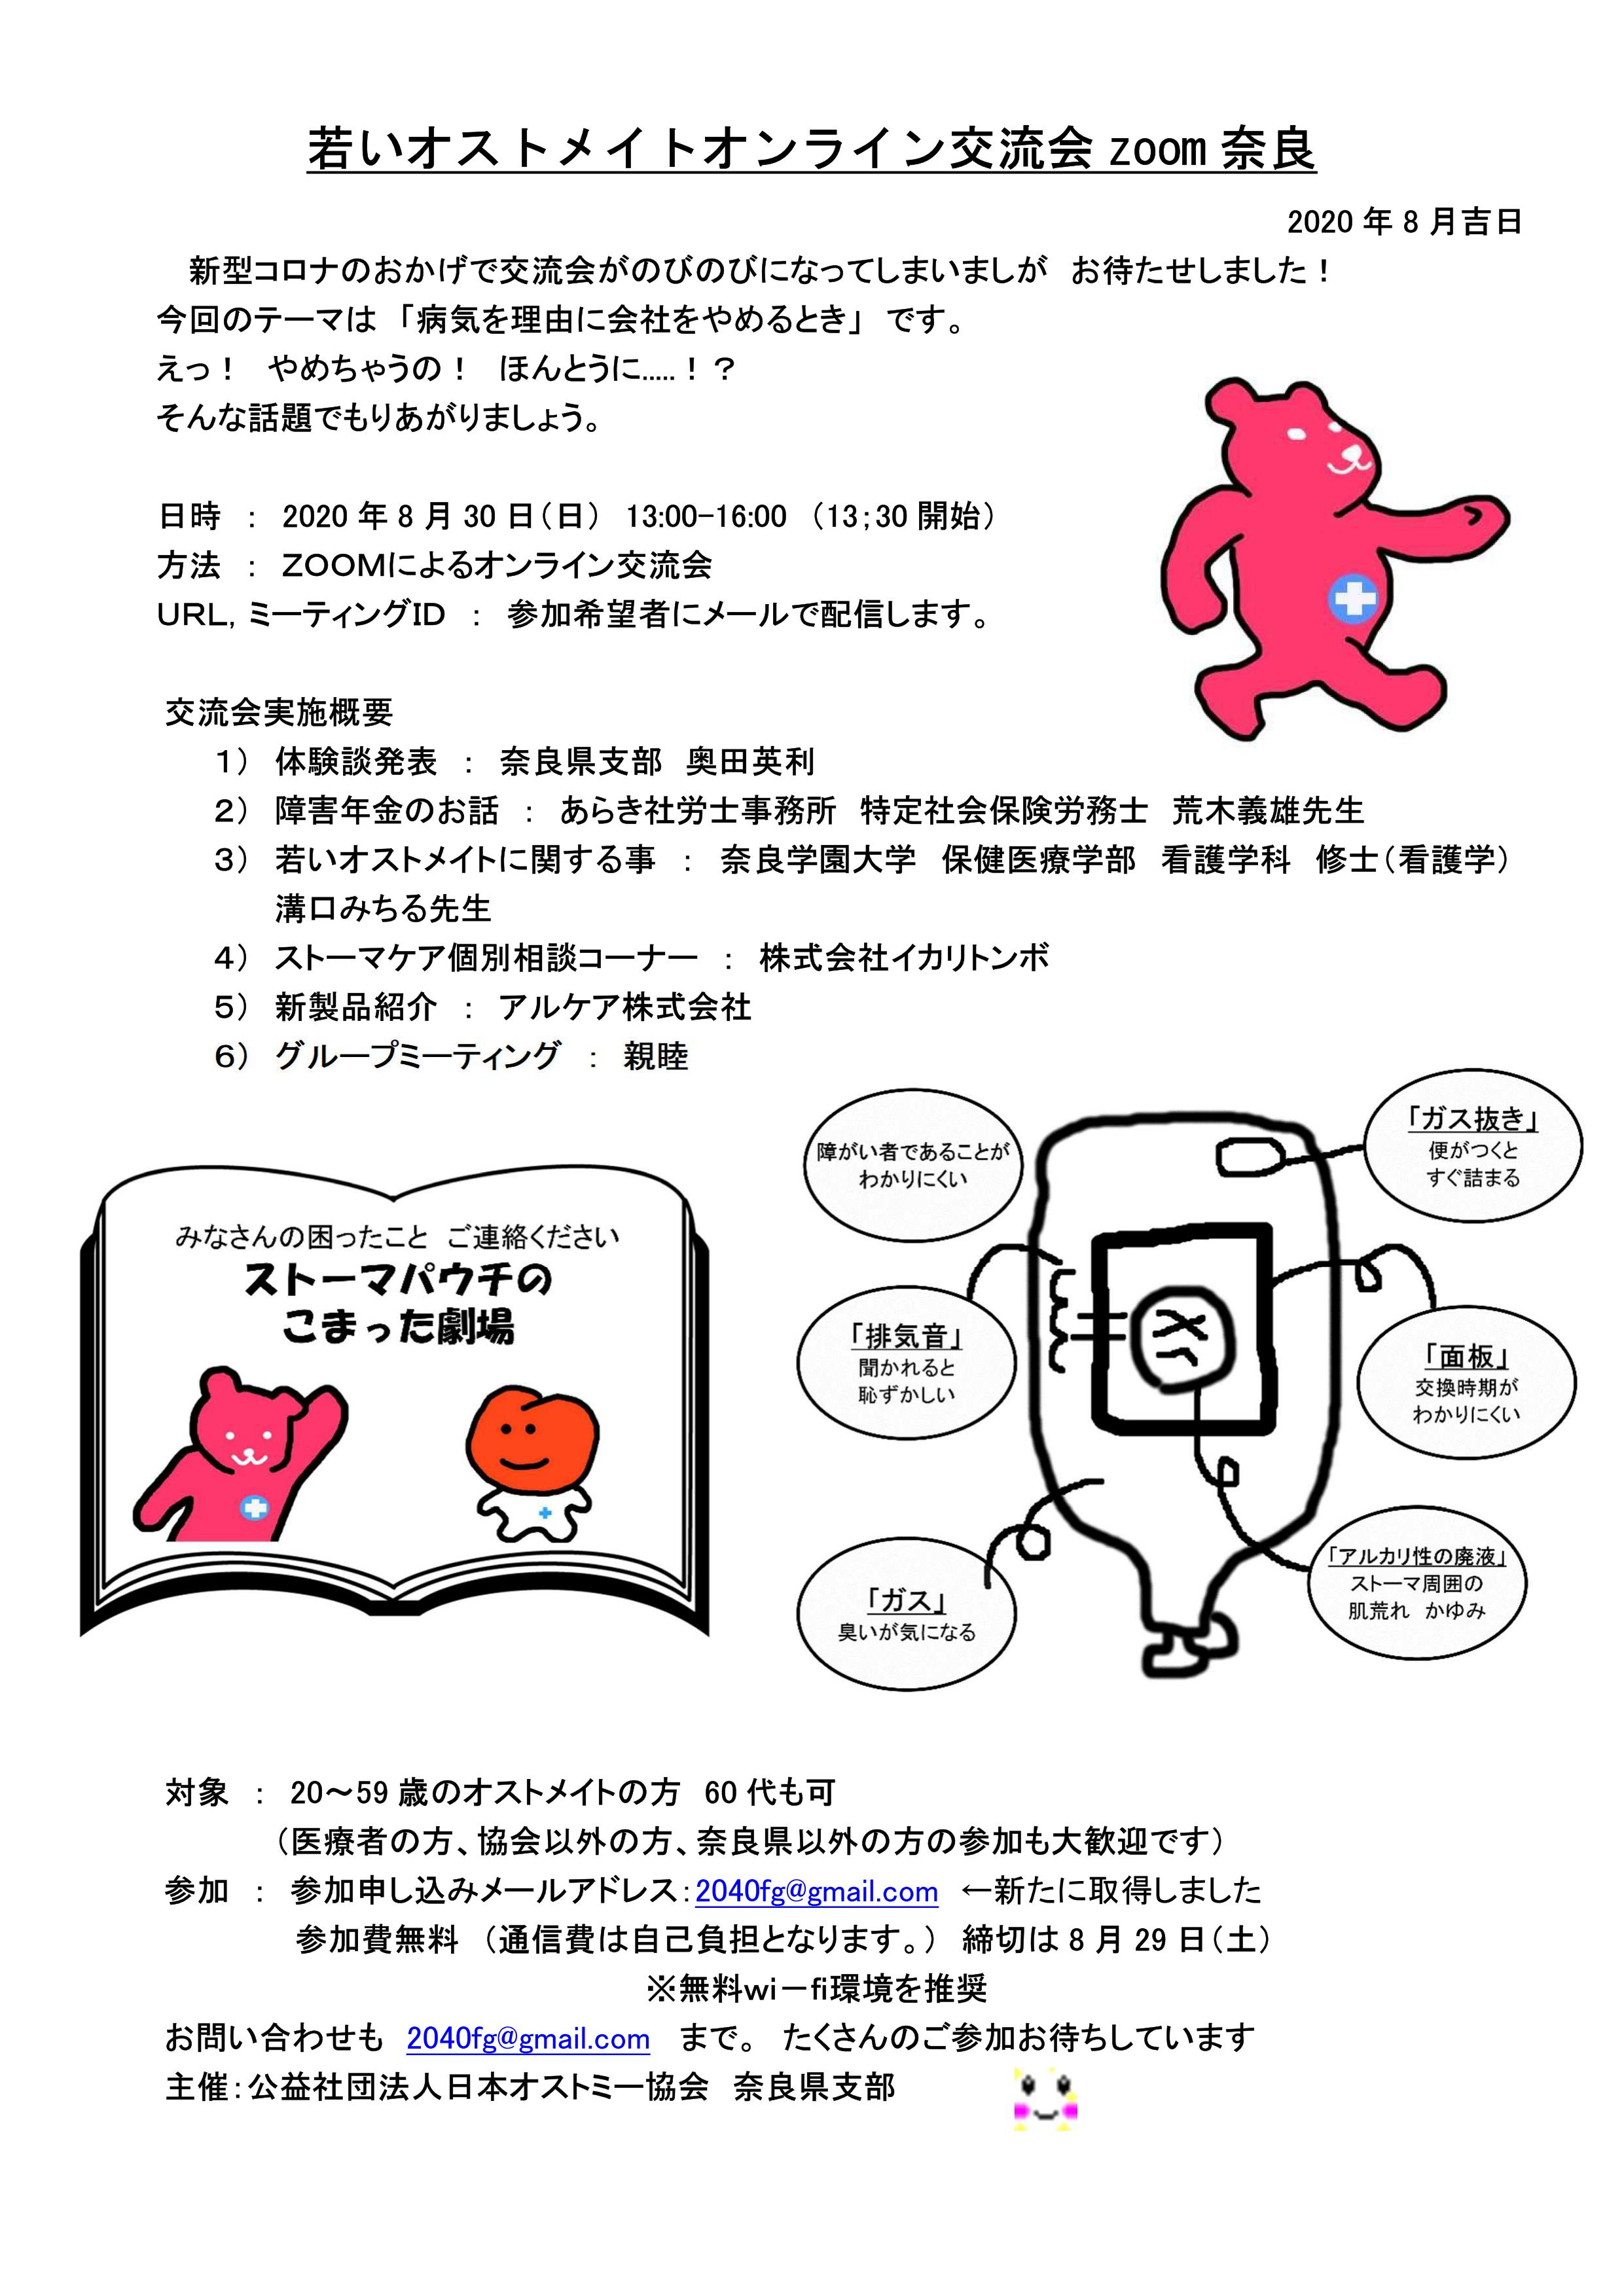 第8回若いオストメイトオンライン交流会zoom奈良_01